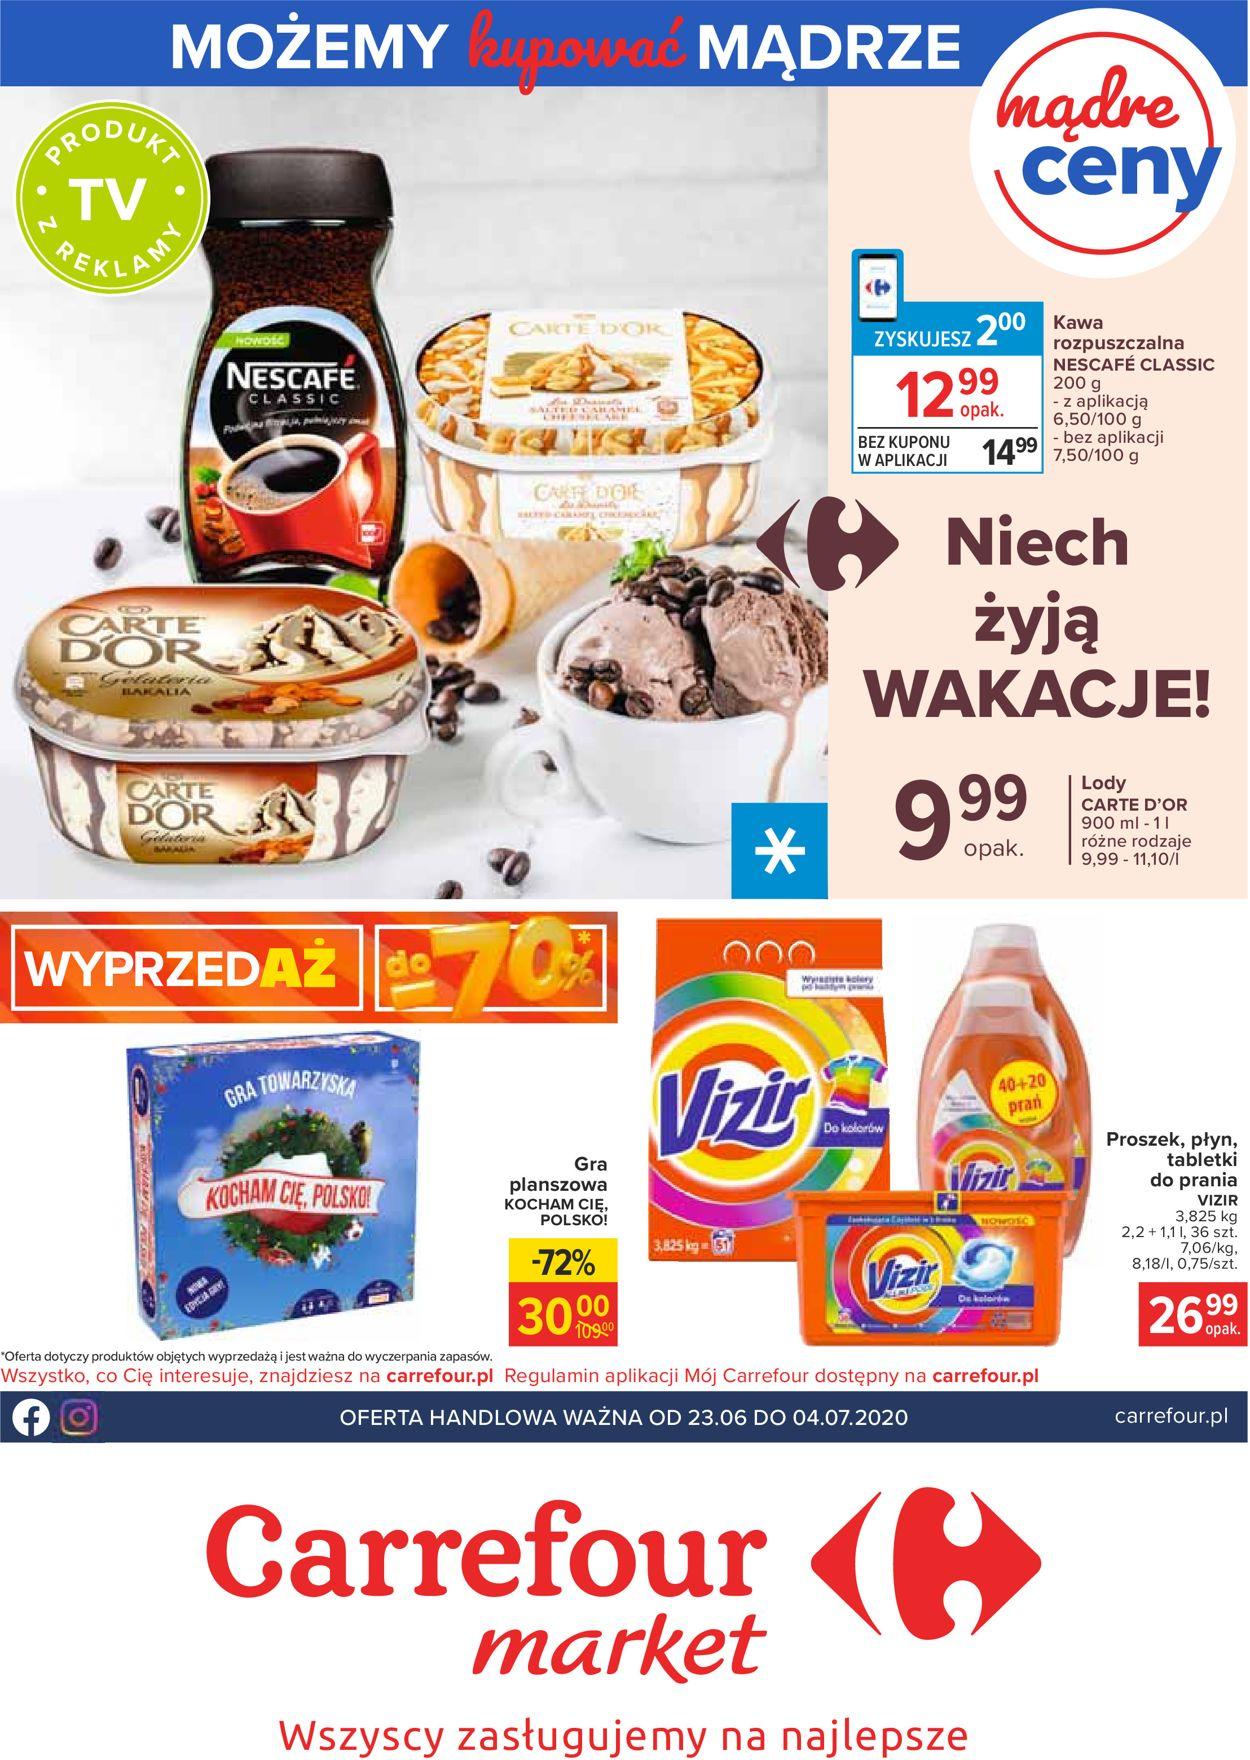 Gazetka promocyjna Carrefour Market - 23.06-04.07.2020